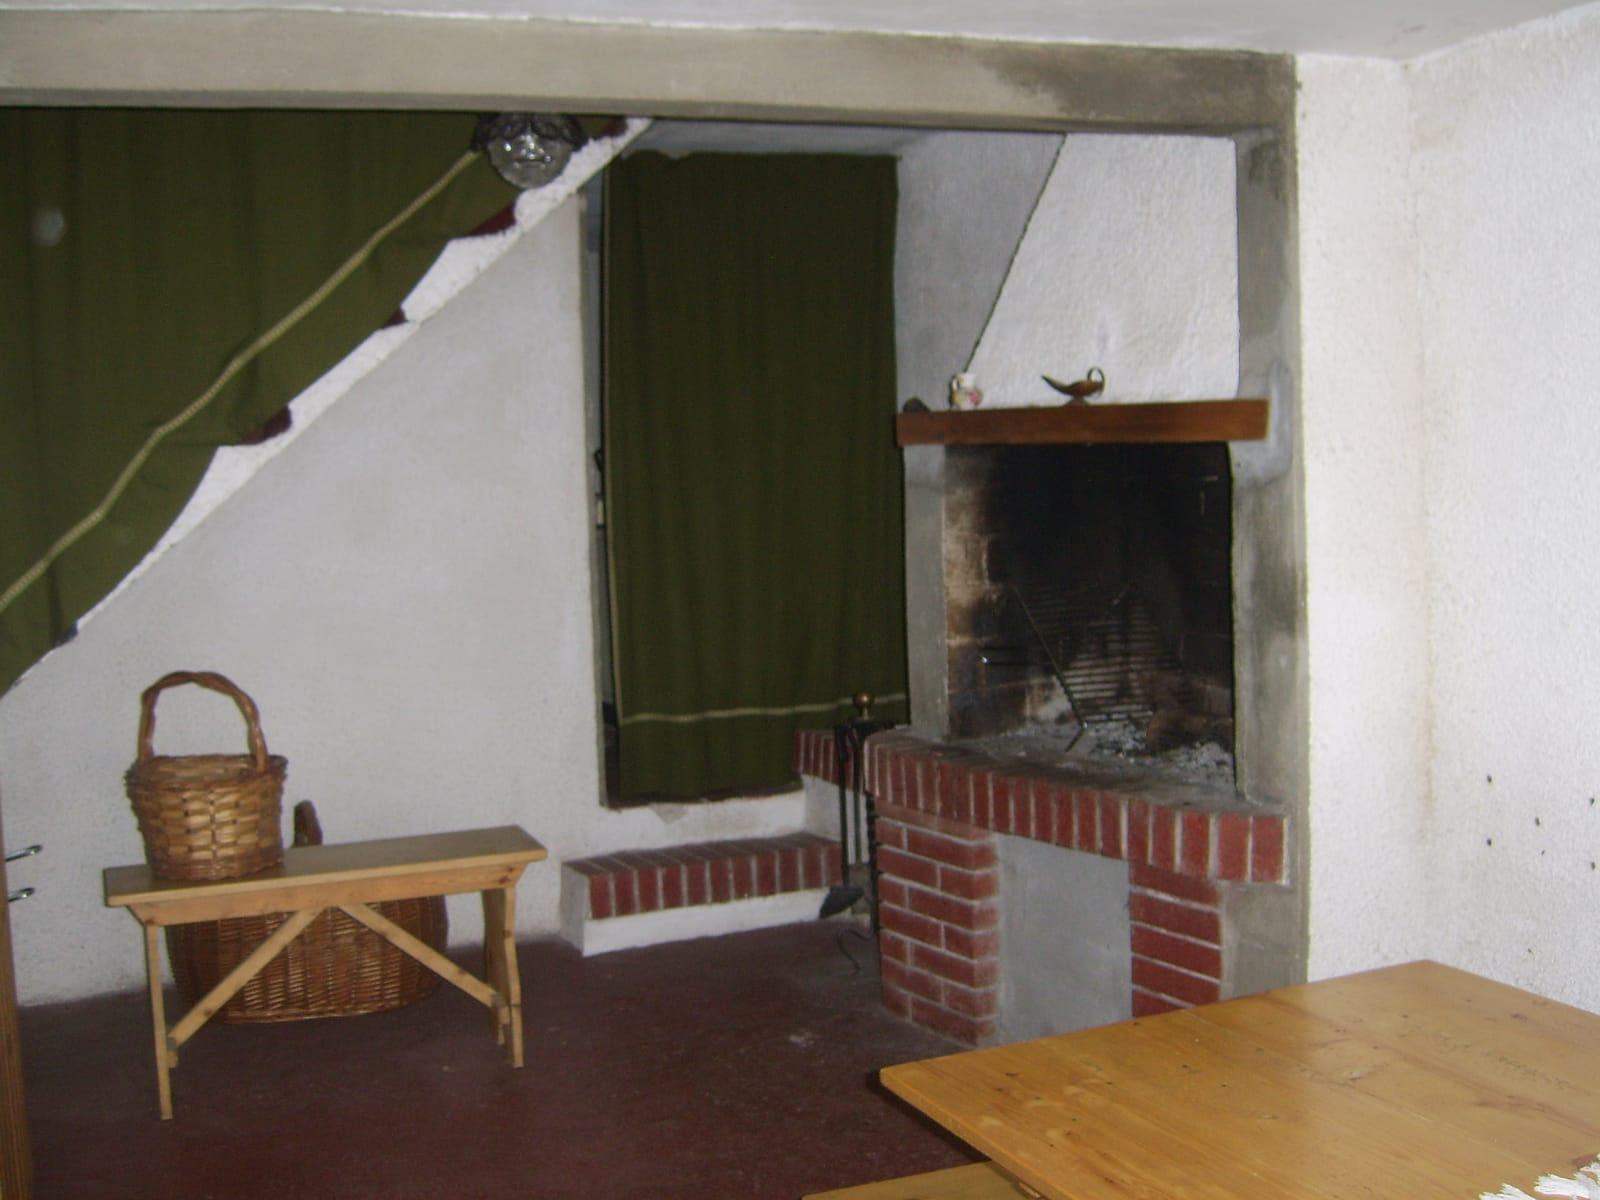 Rustico / Casale in vendita a Vestenanova, 5 locali, zona Zona: Bolca, prezzo € 28.000 | CambioCasa.it